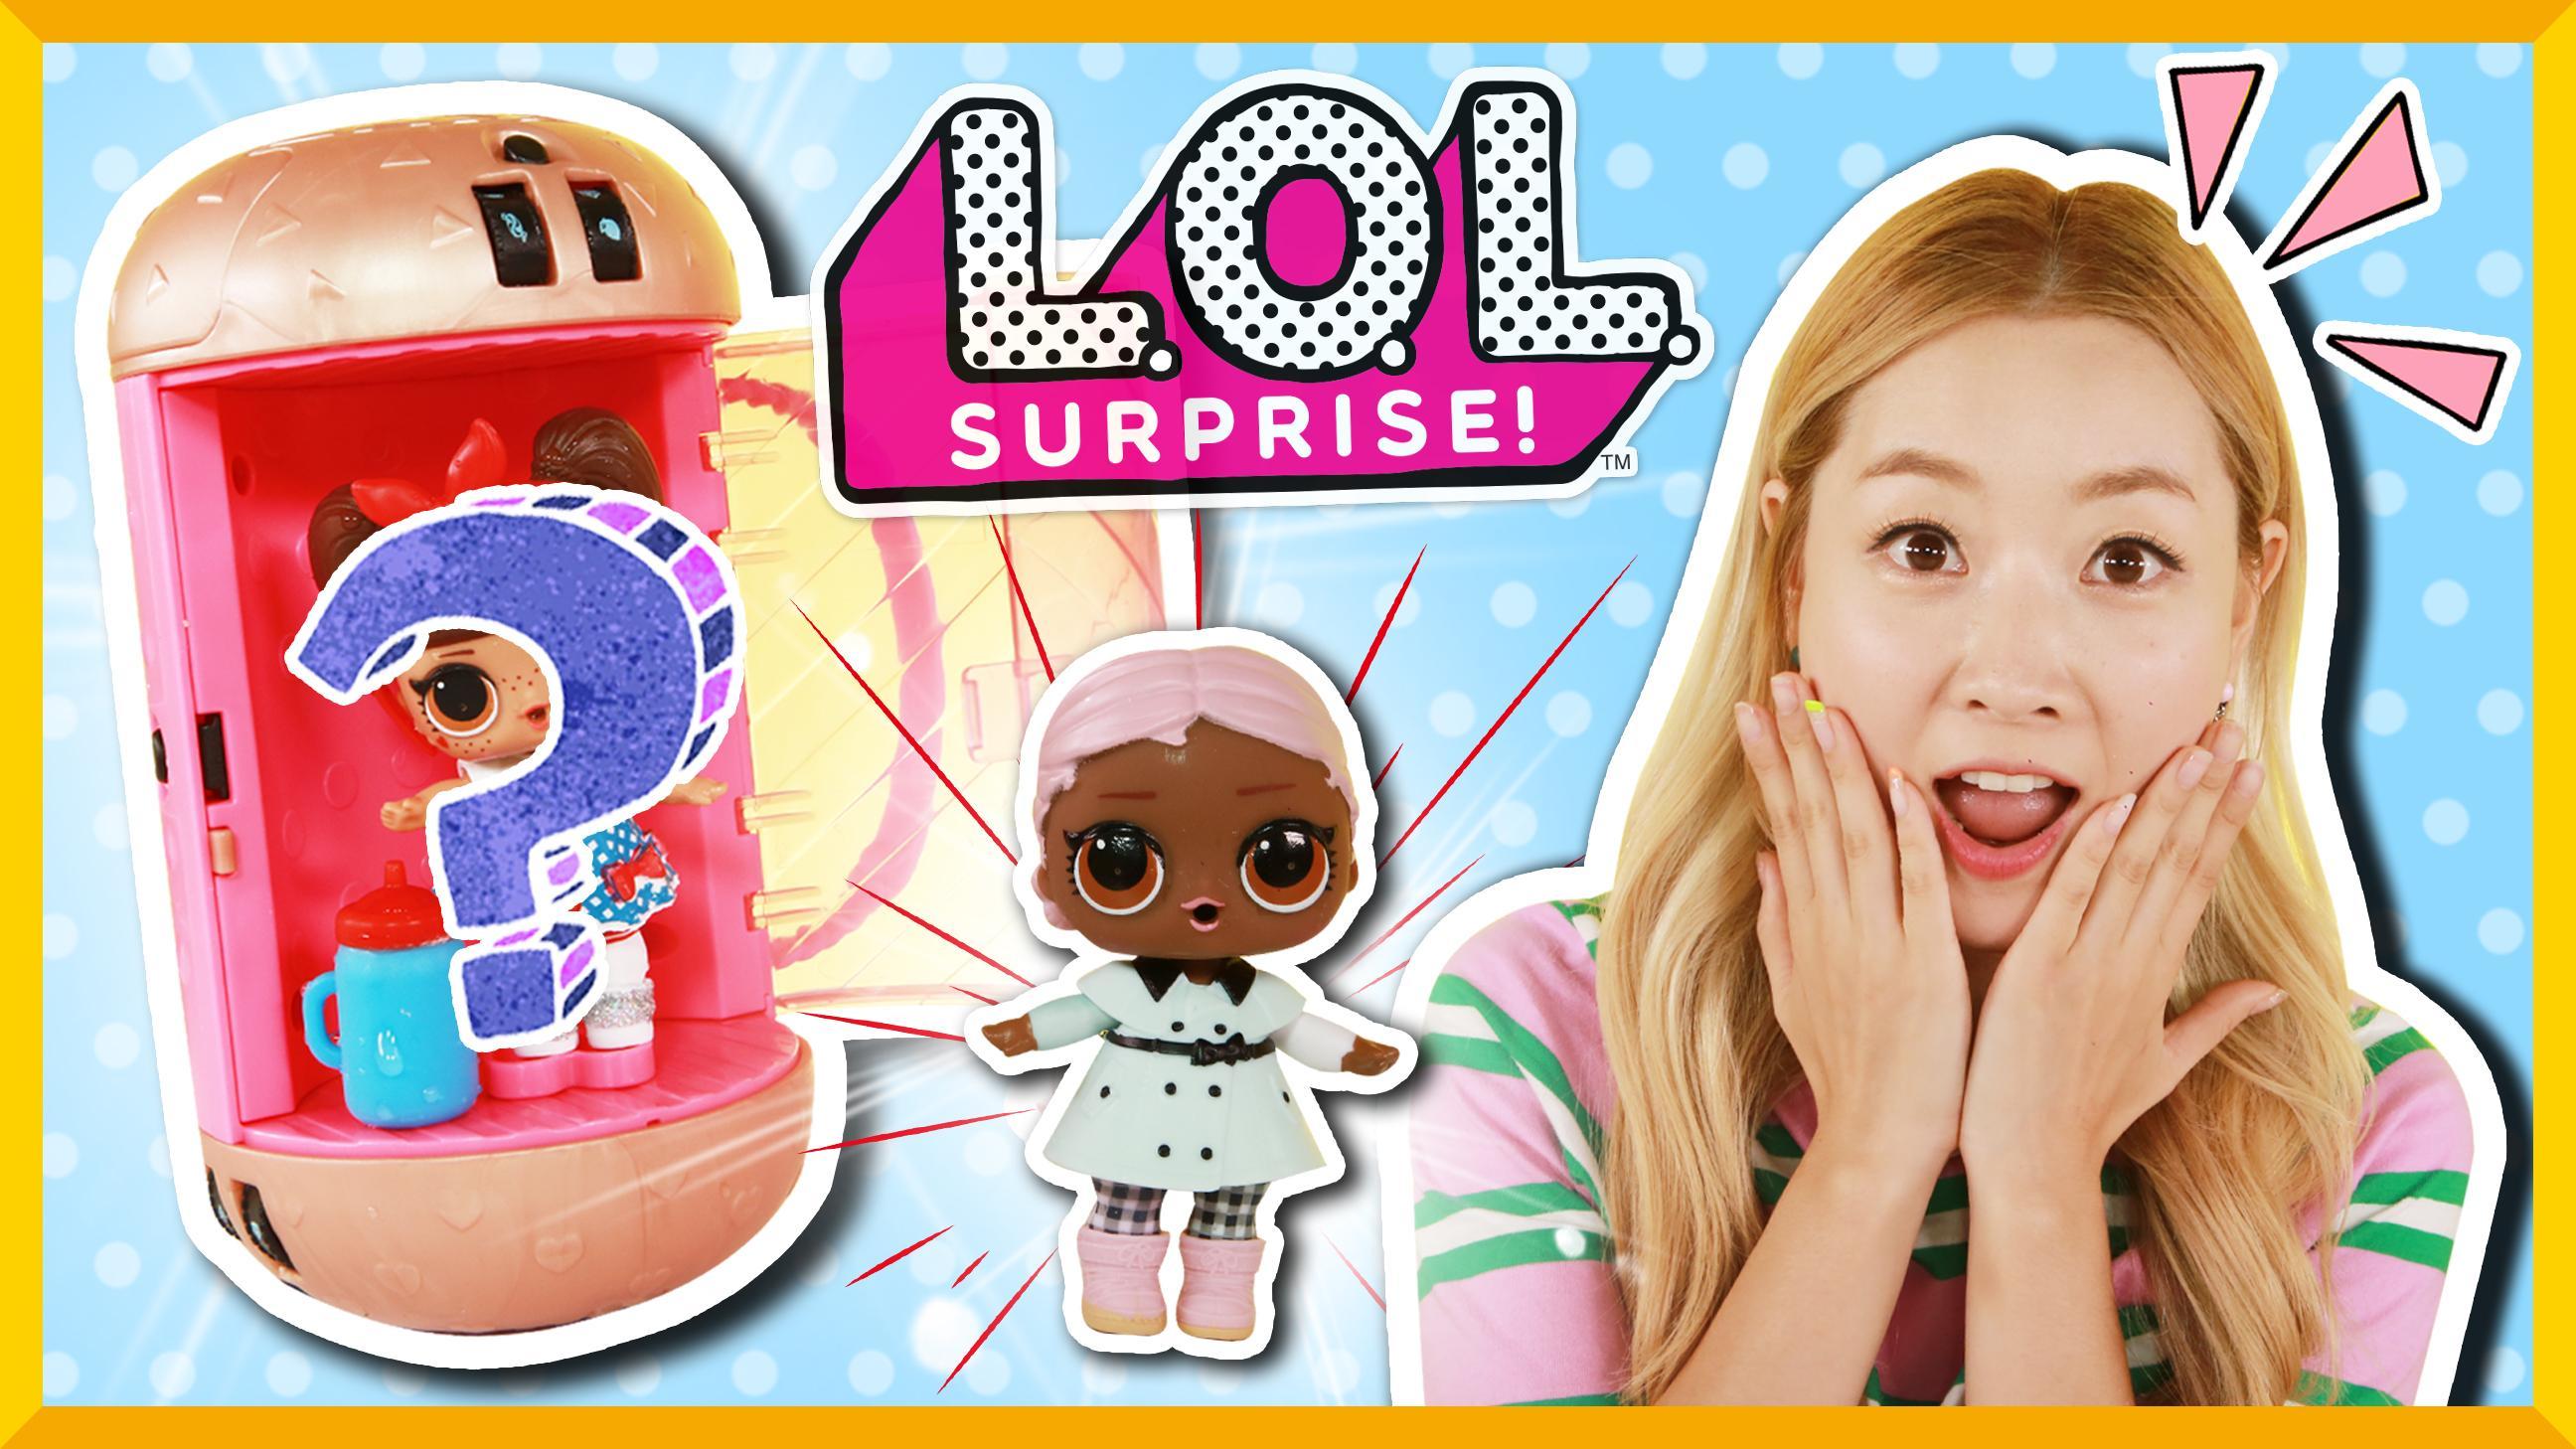 破解LOL出奇蛋的秘密可爱公仔娃娃惊喜开箱 | 爱丽和故事 EllieAndStory